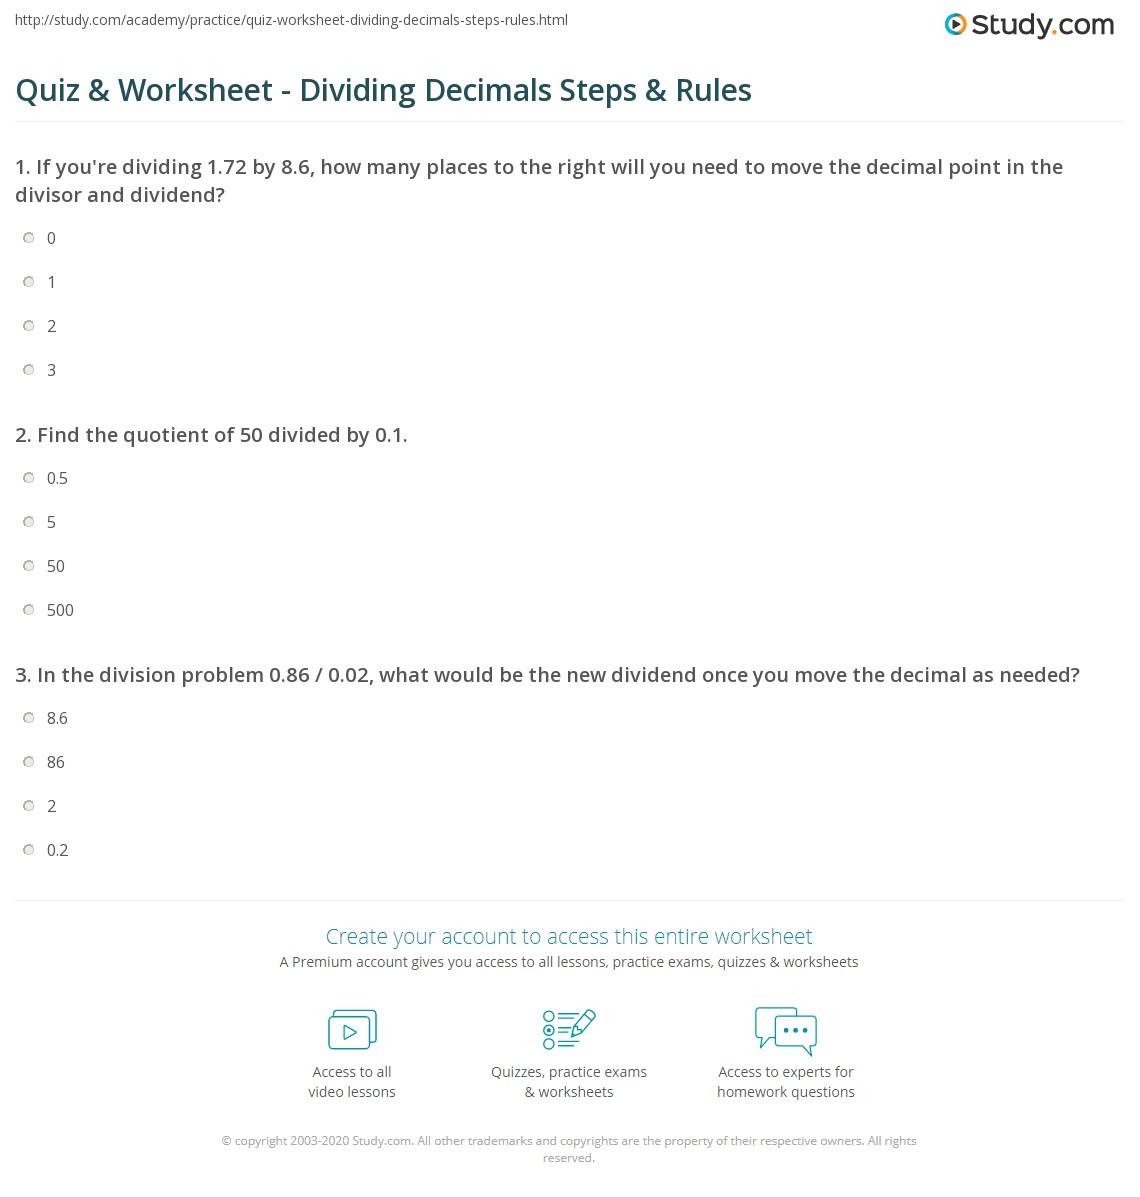 quiz worksheet dividing decimals steps rules. Black Bedroom Furniture Sets. Home Design Ideas